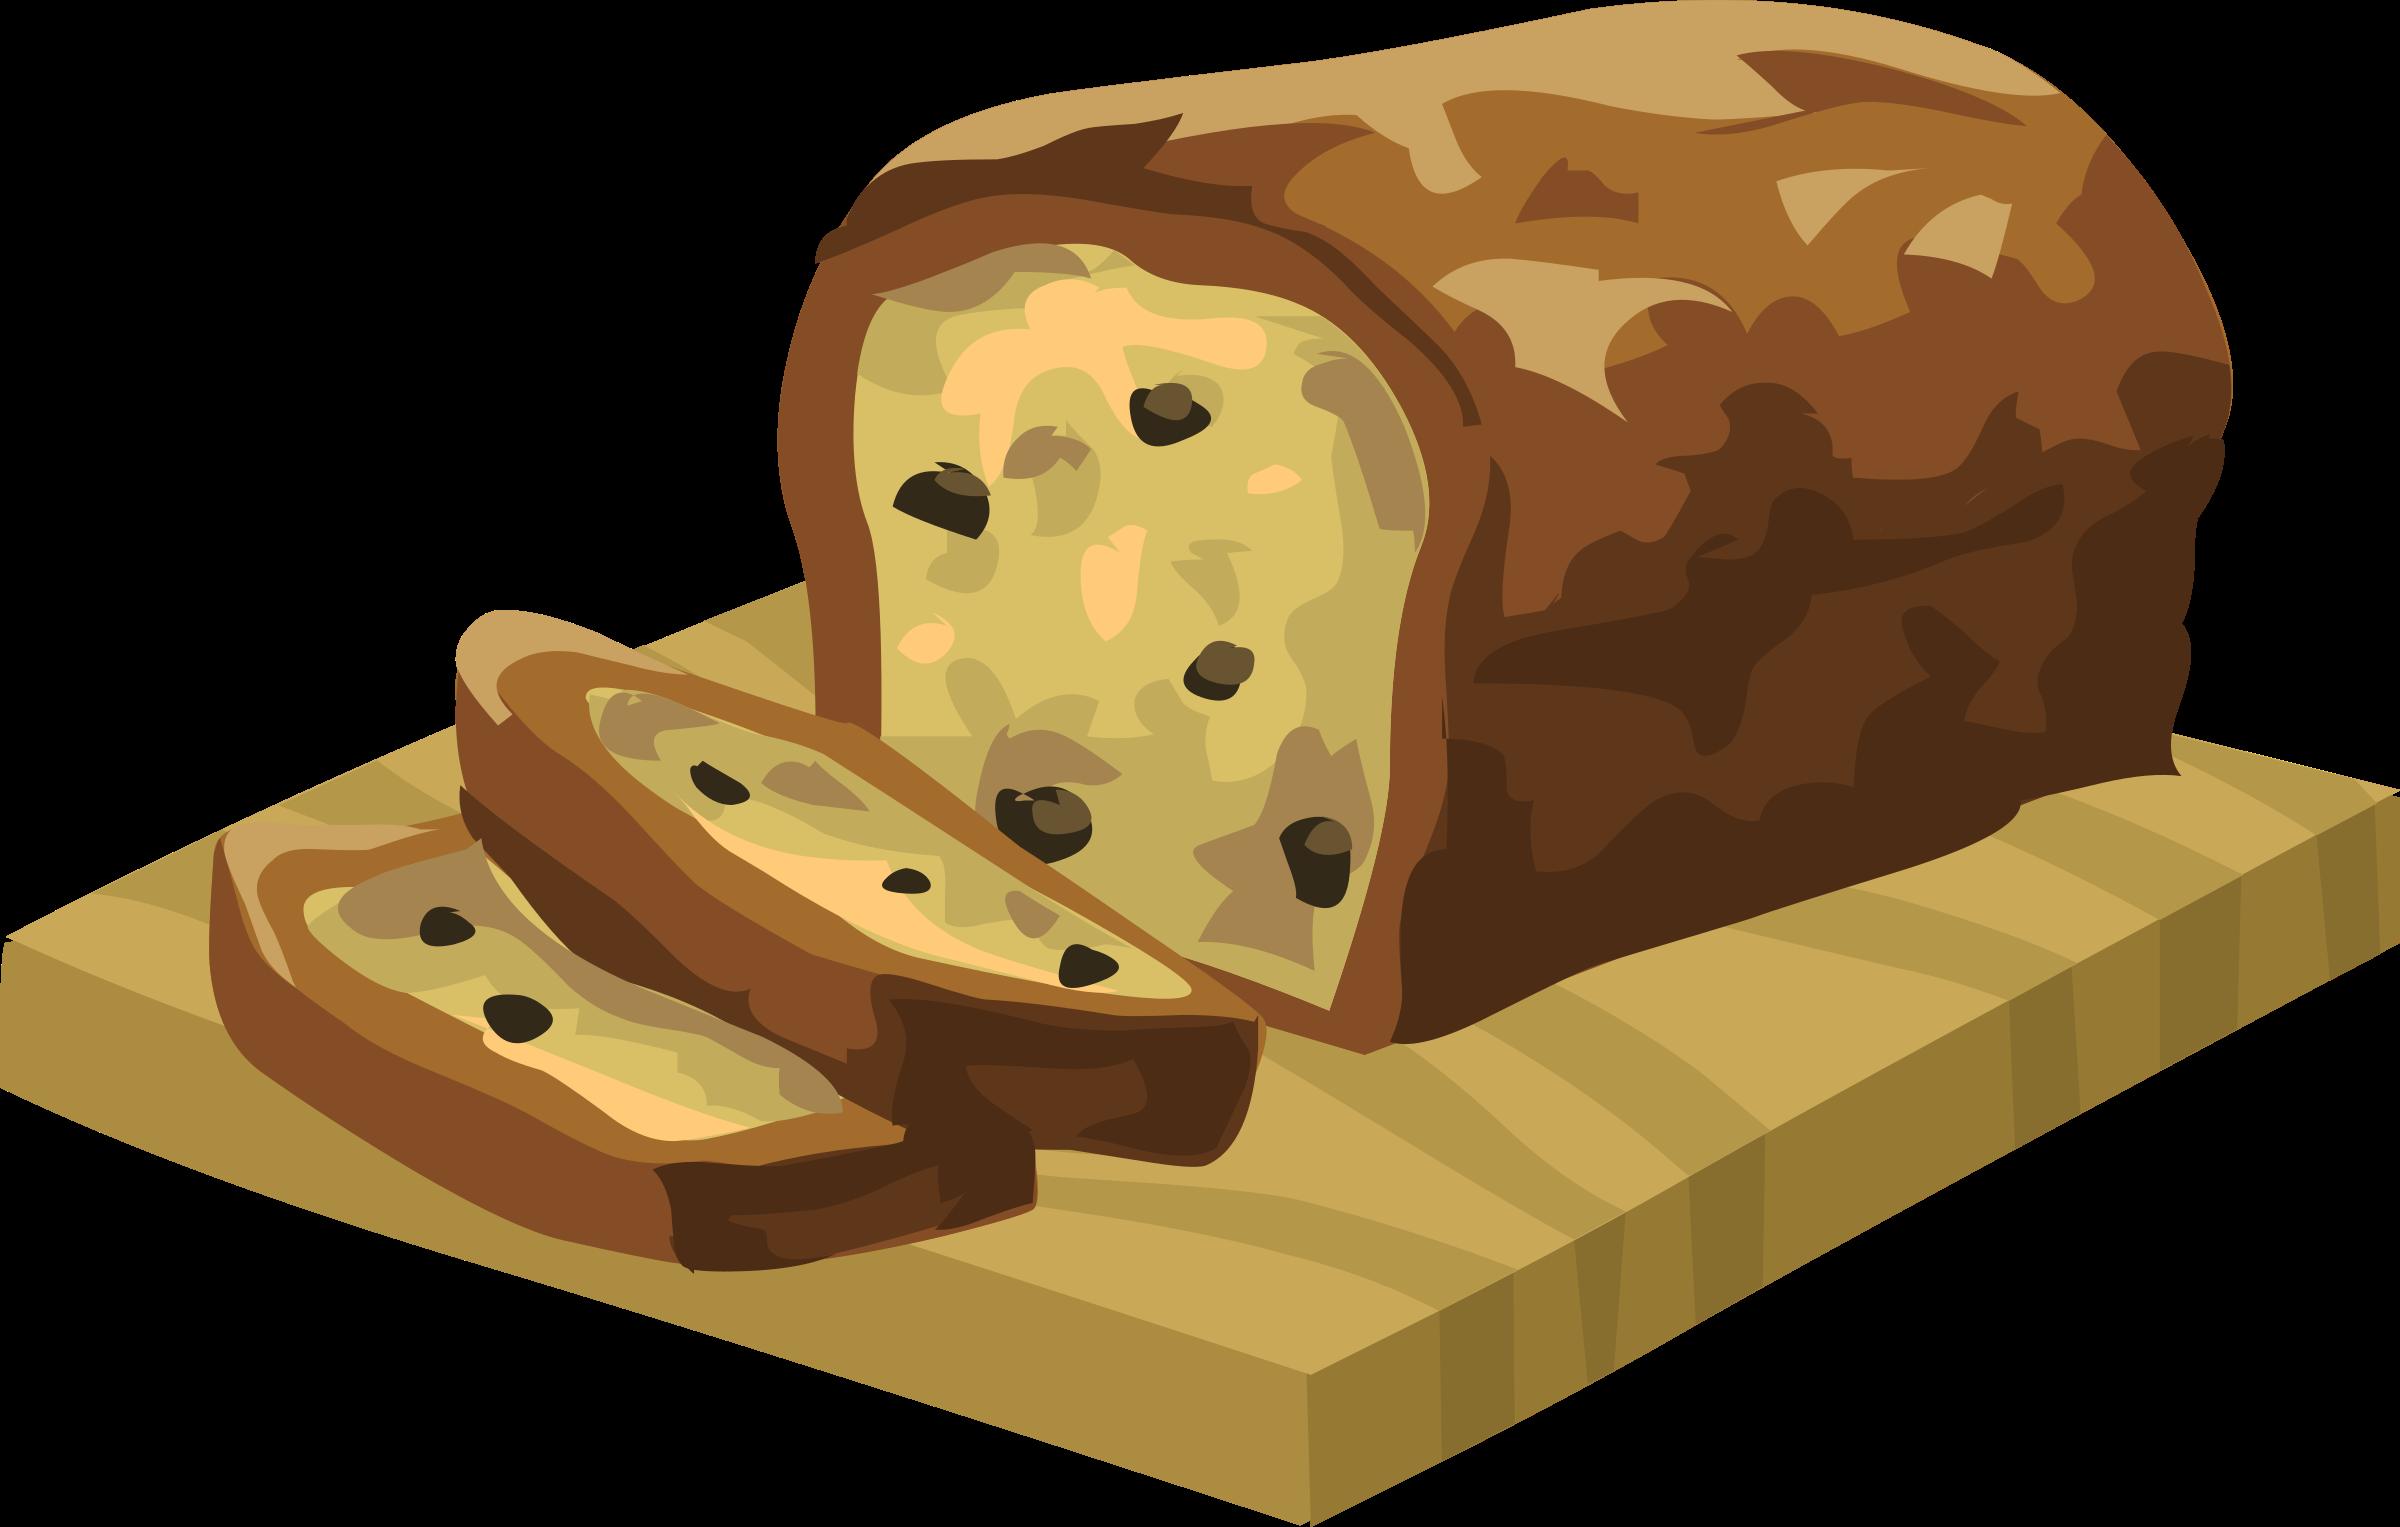 Zucchini Bread Clipart.